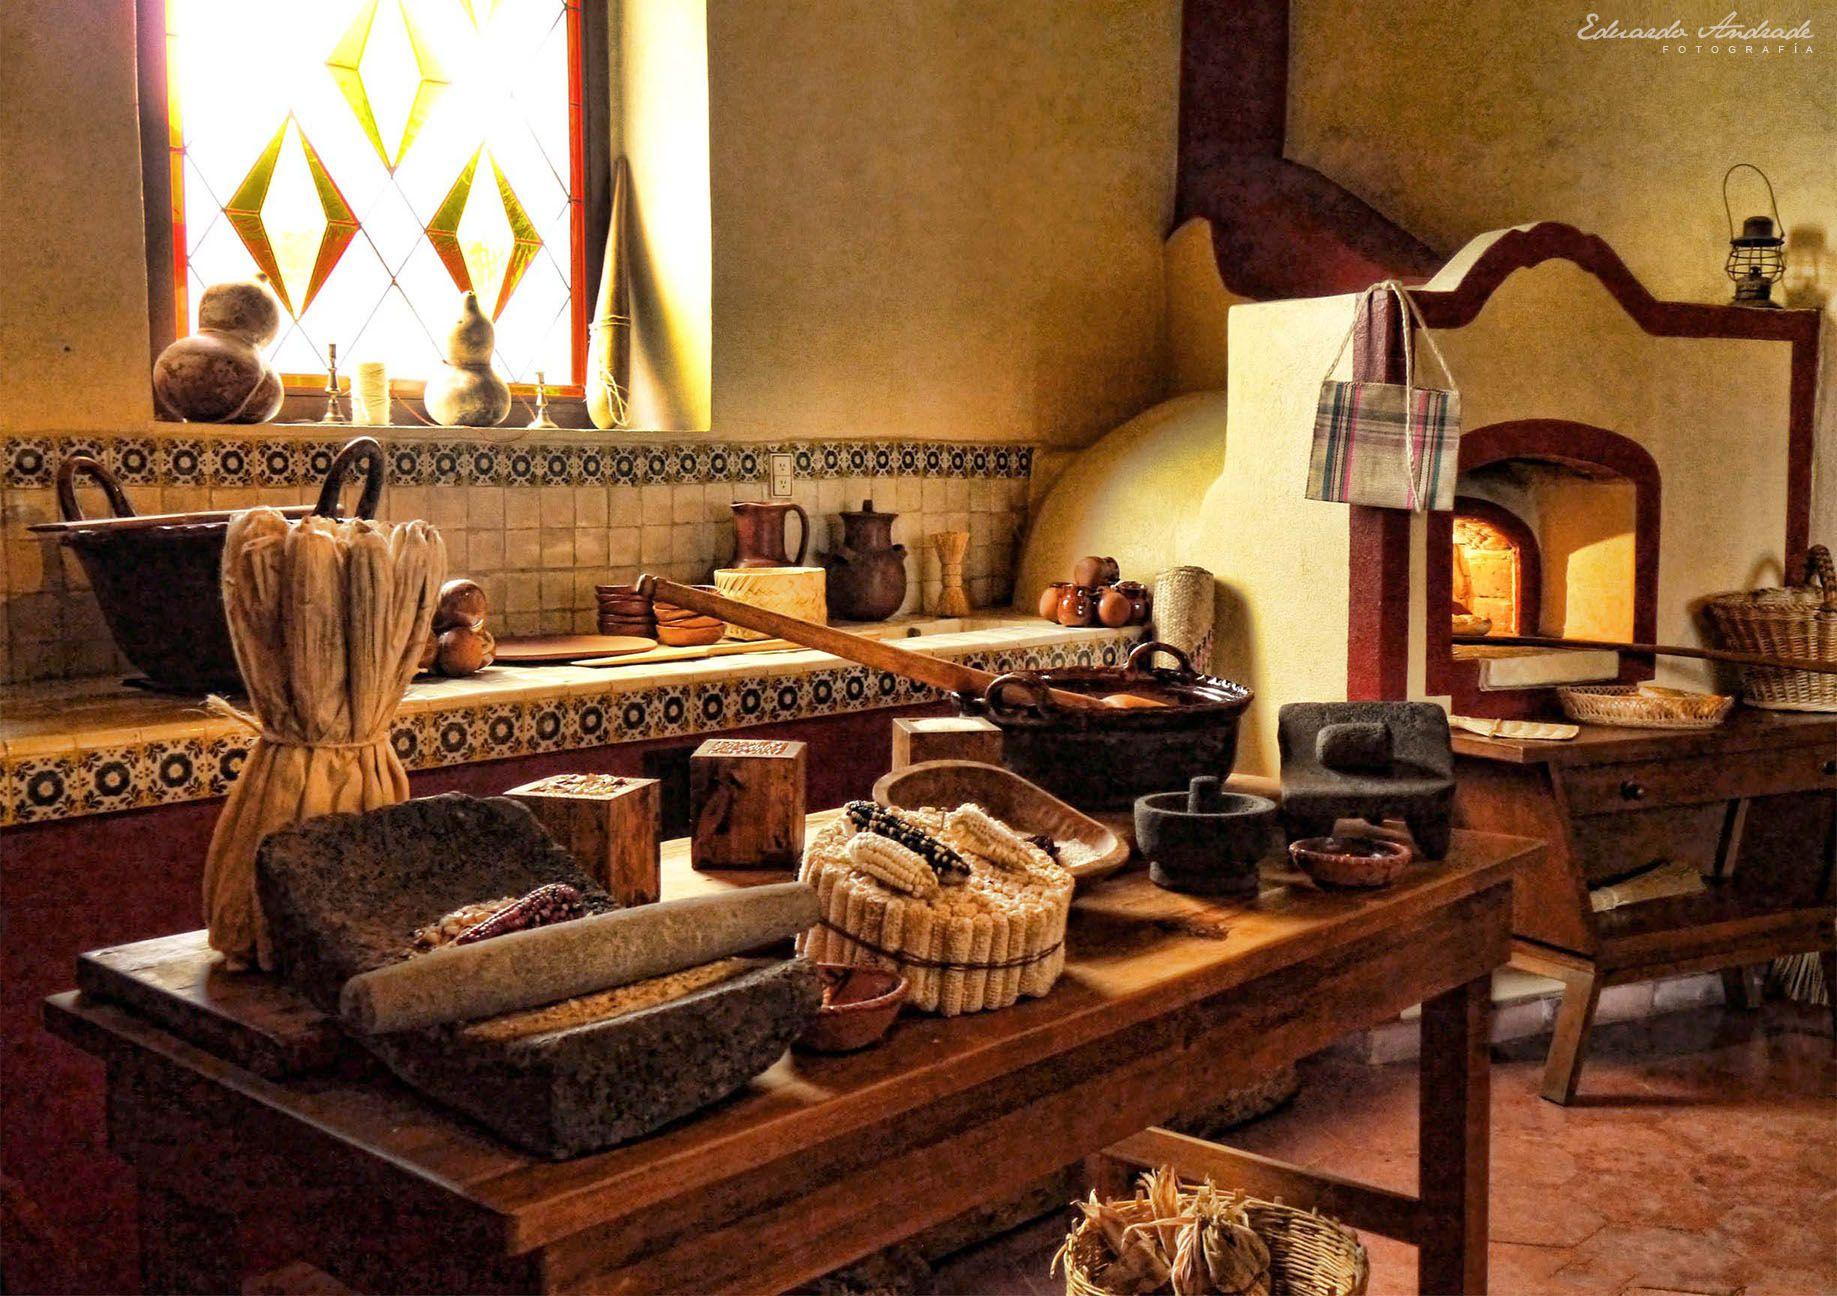 Cocinas tradicionales de m xico cocinas tradicionales for Cocinas tradicionales